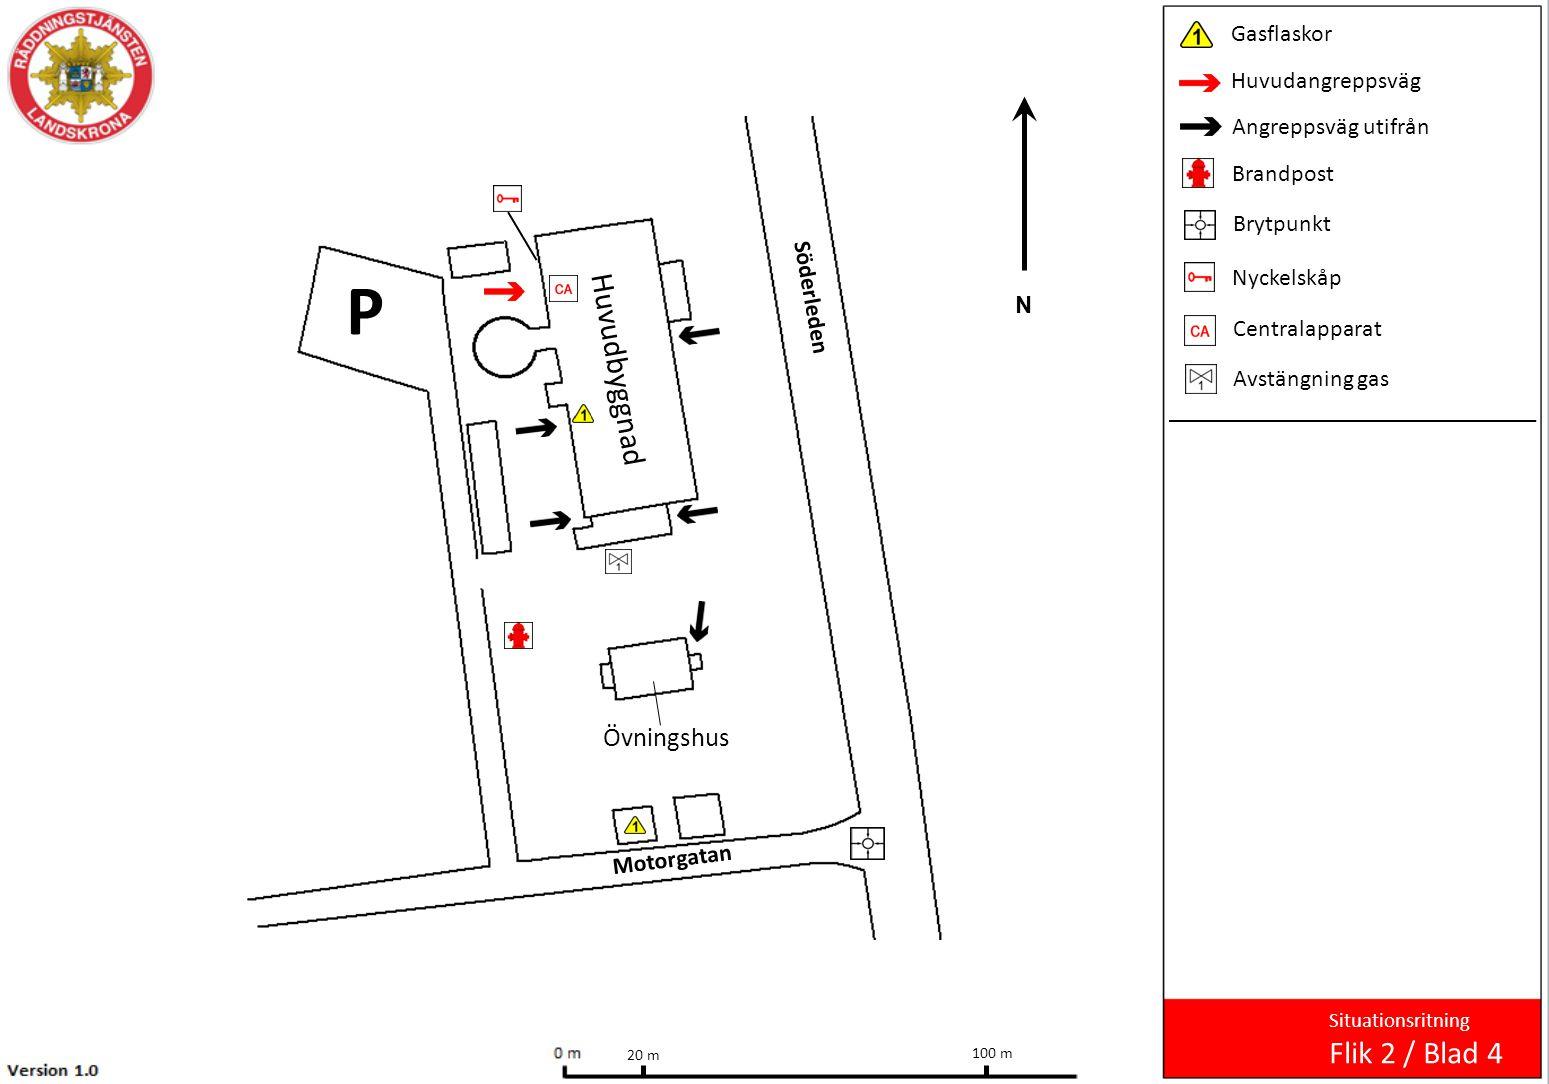 P Huvudbyggnad Flik 2 / Blad 4 Övningshus Gasflaskor Huvudangreppsväg